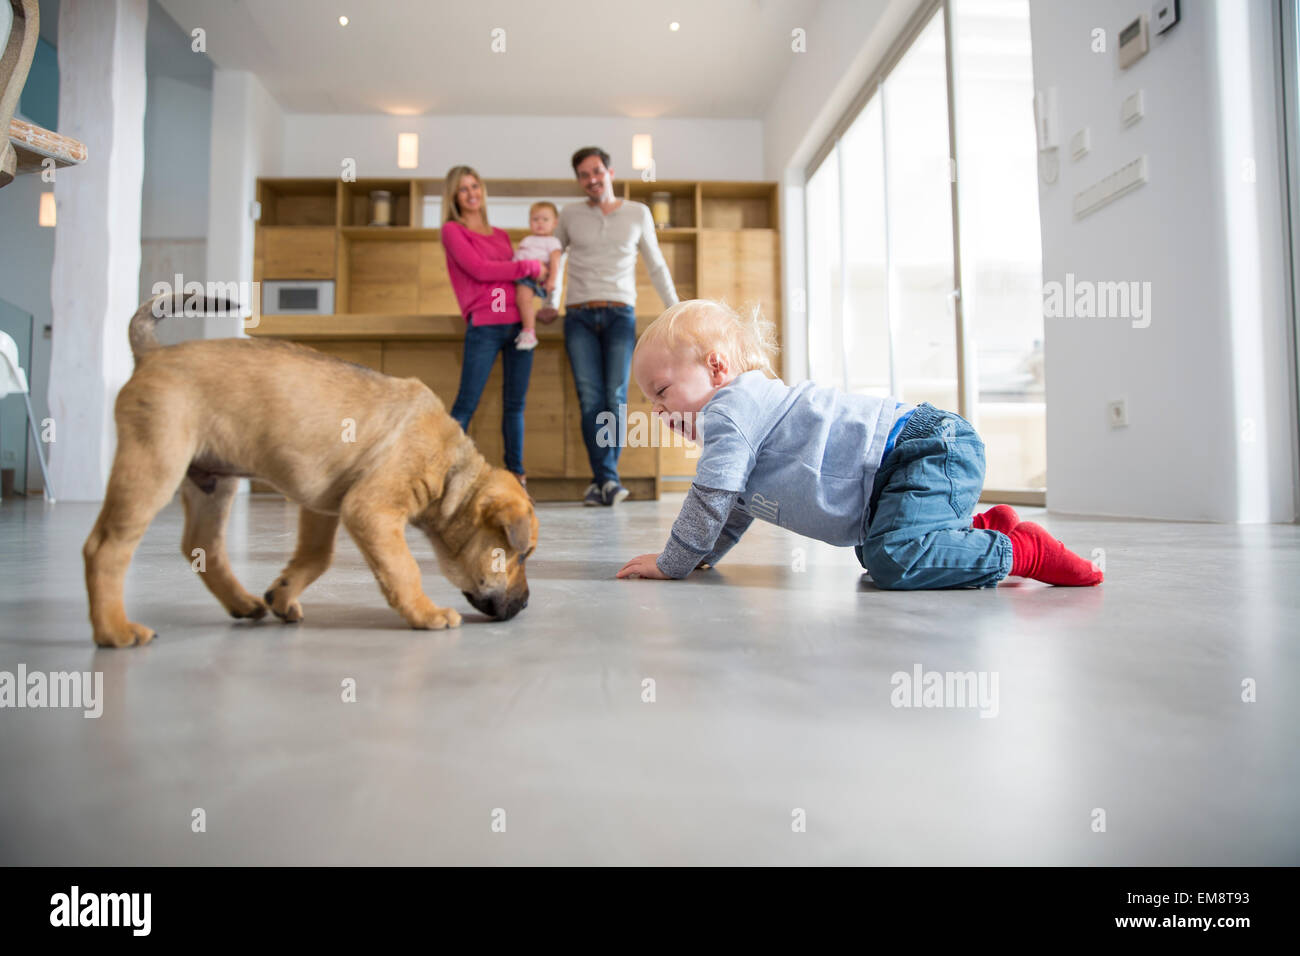 Andar jugando con cachorro macho en Comedor planta baja Imagen De Stock